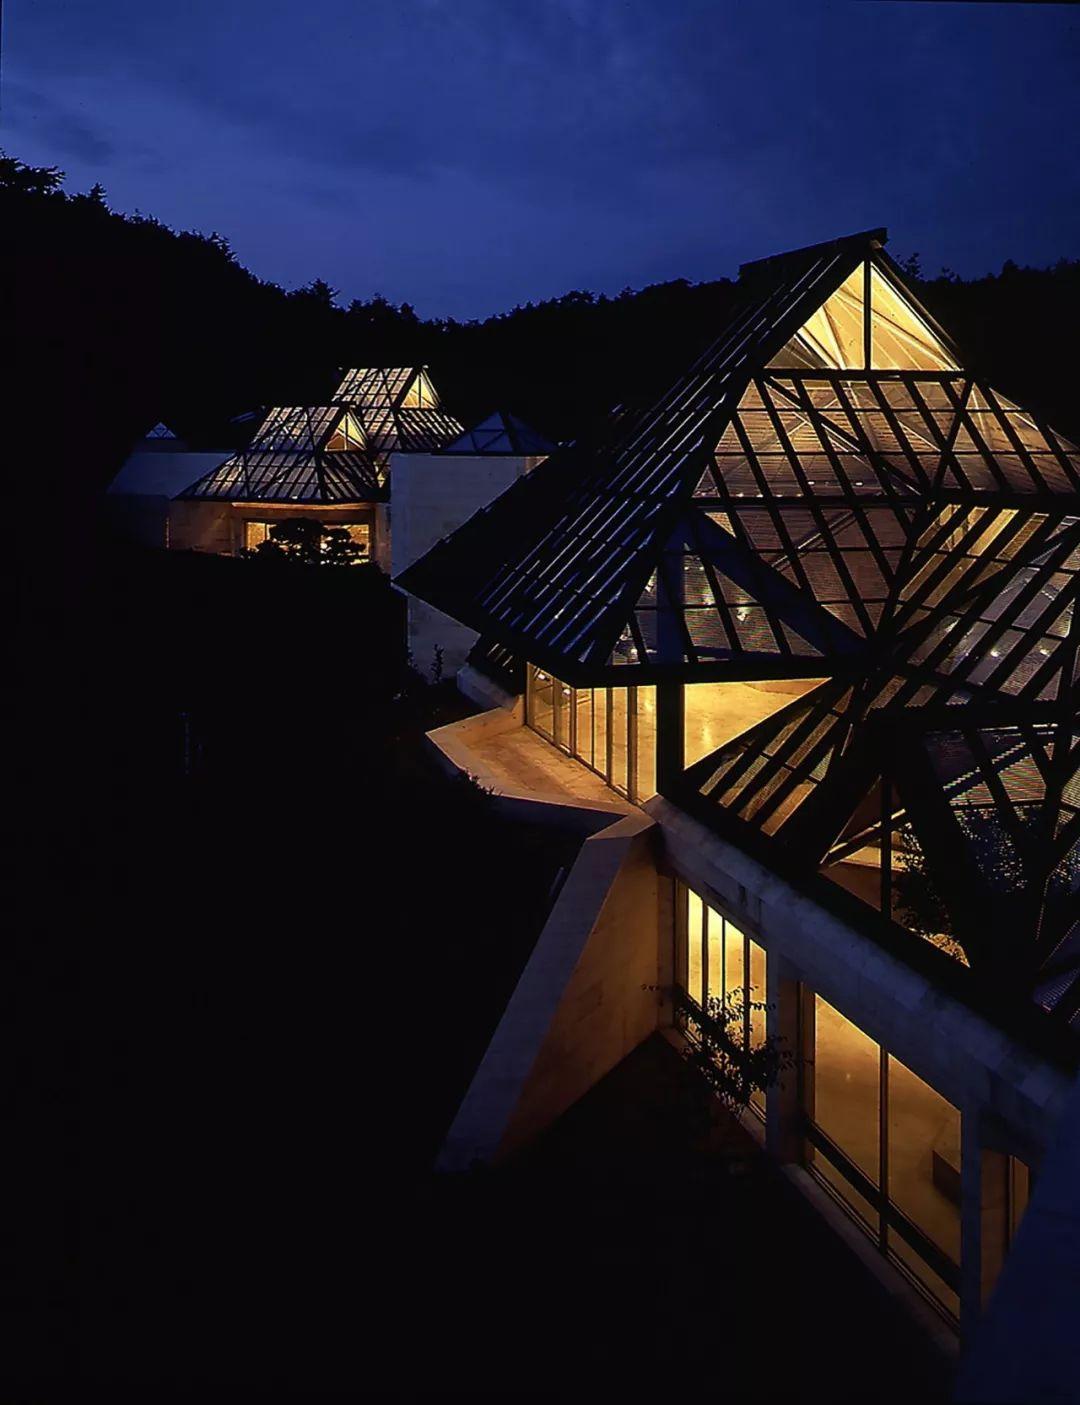 致敬贝聿铭:世界上最会用「三角形」的建筑大师_66